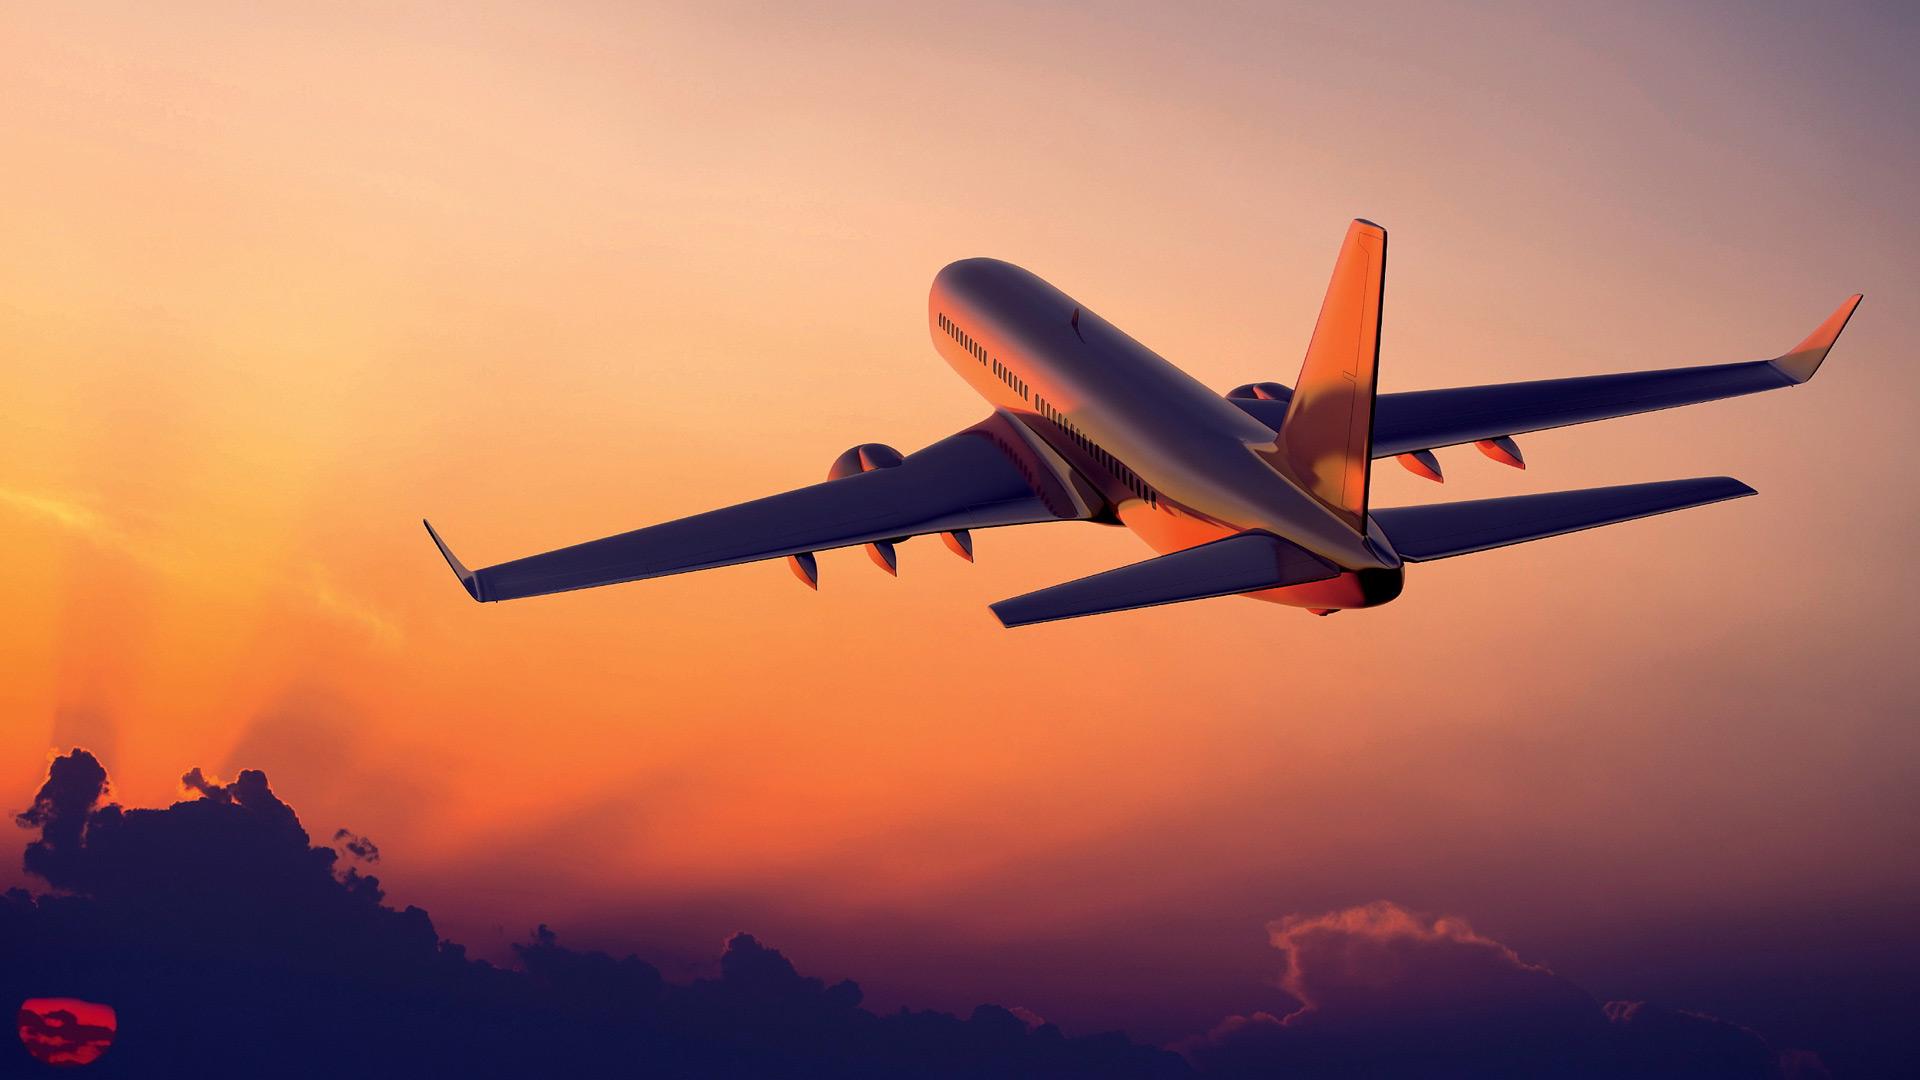 Aeroporto de Fortaleza bate novo recorde com fluxo de 7,2 milhões de passageiros